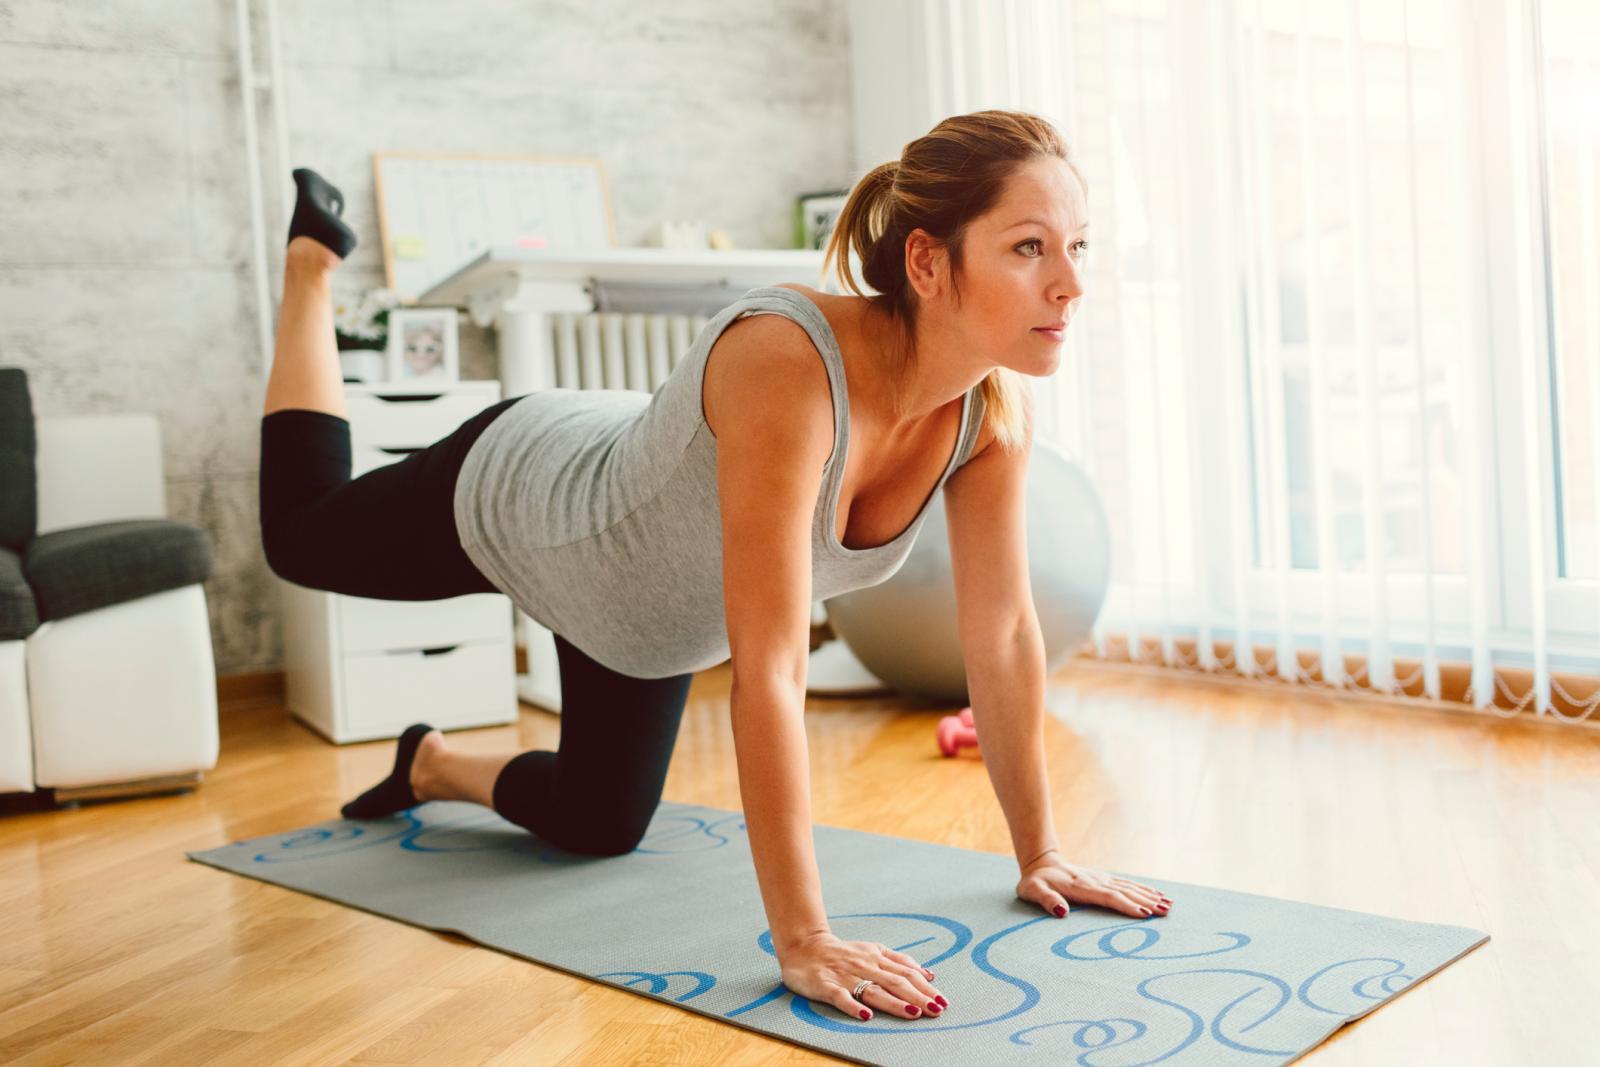 Vježbe za balans trebate izvoditi oprezno, uvijek uz oslonac i po mogućnosti uz stručan nadzor.